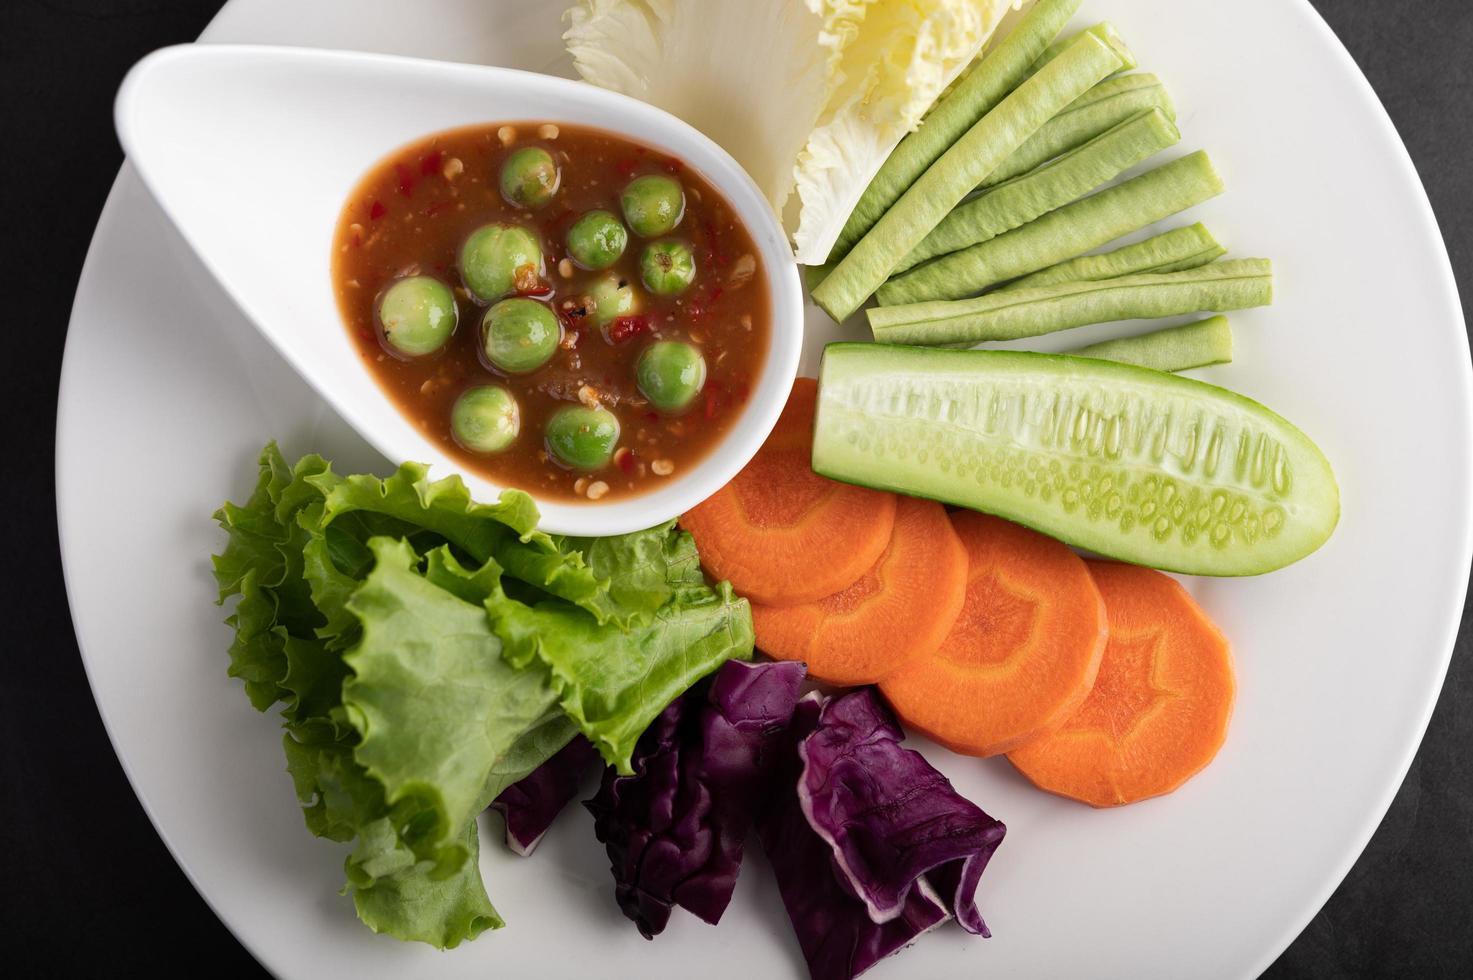 sås i en skål med grönsaker foto